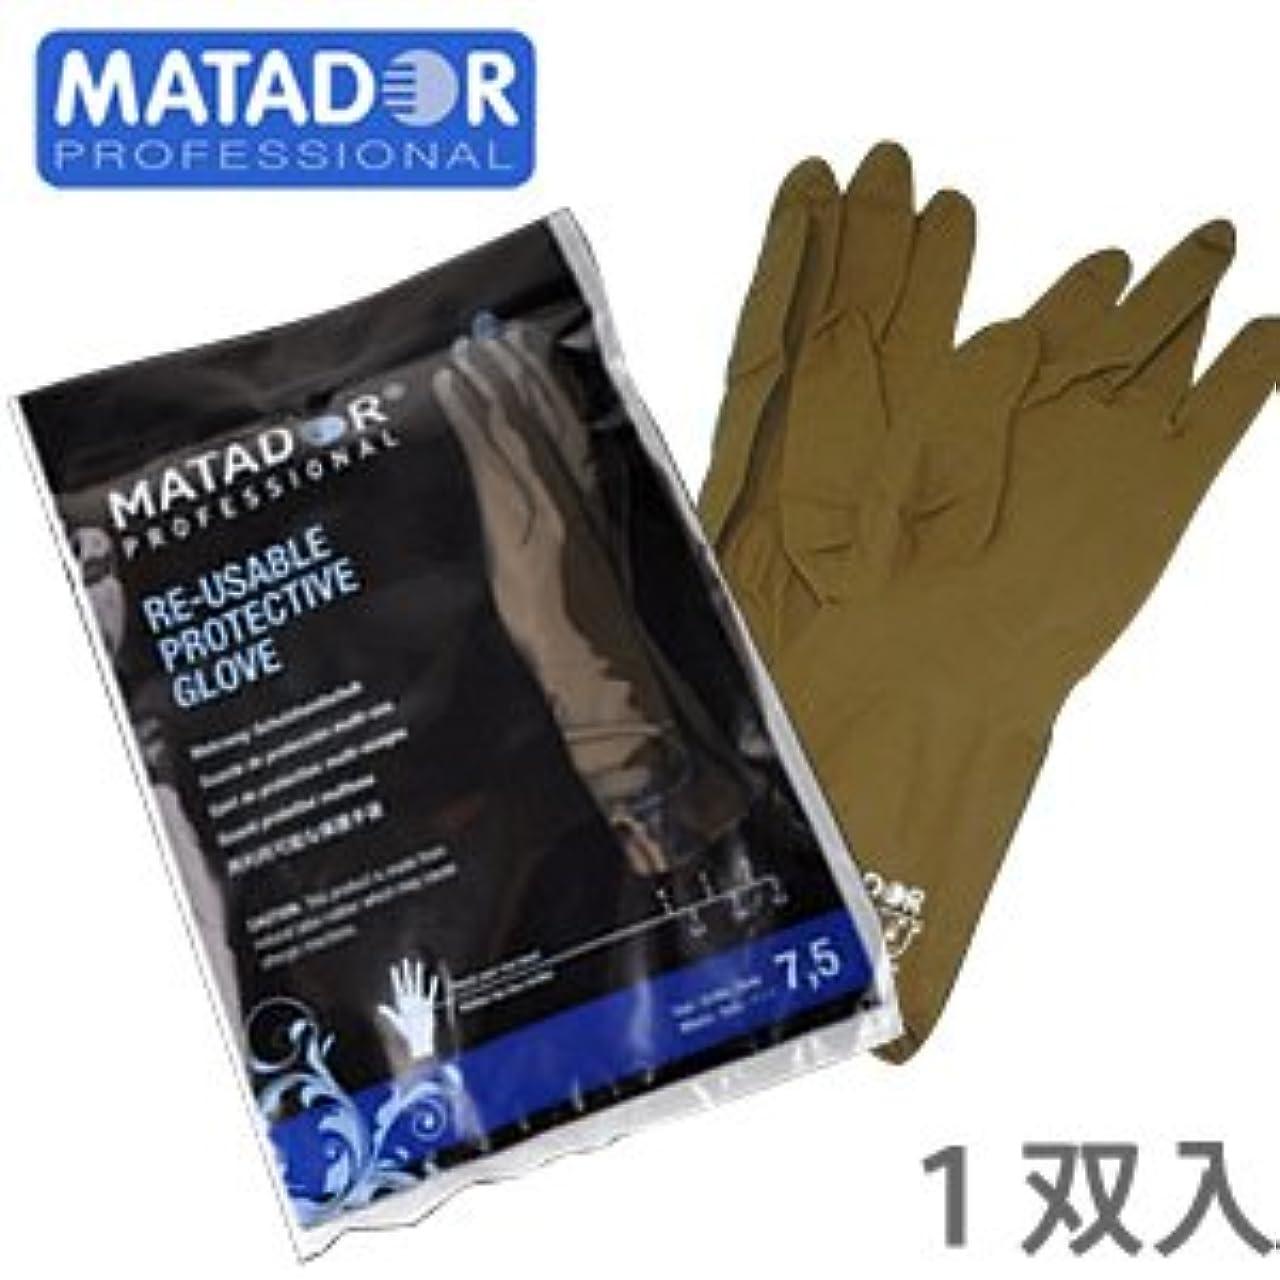 修理工観客対抗マタドールゴム手袋 7.5吋 【5個セット】